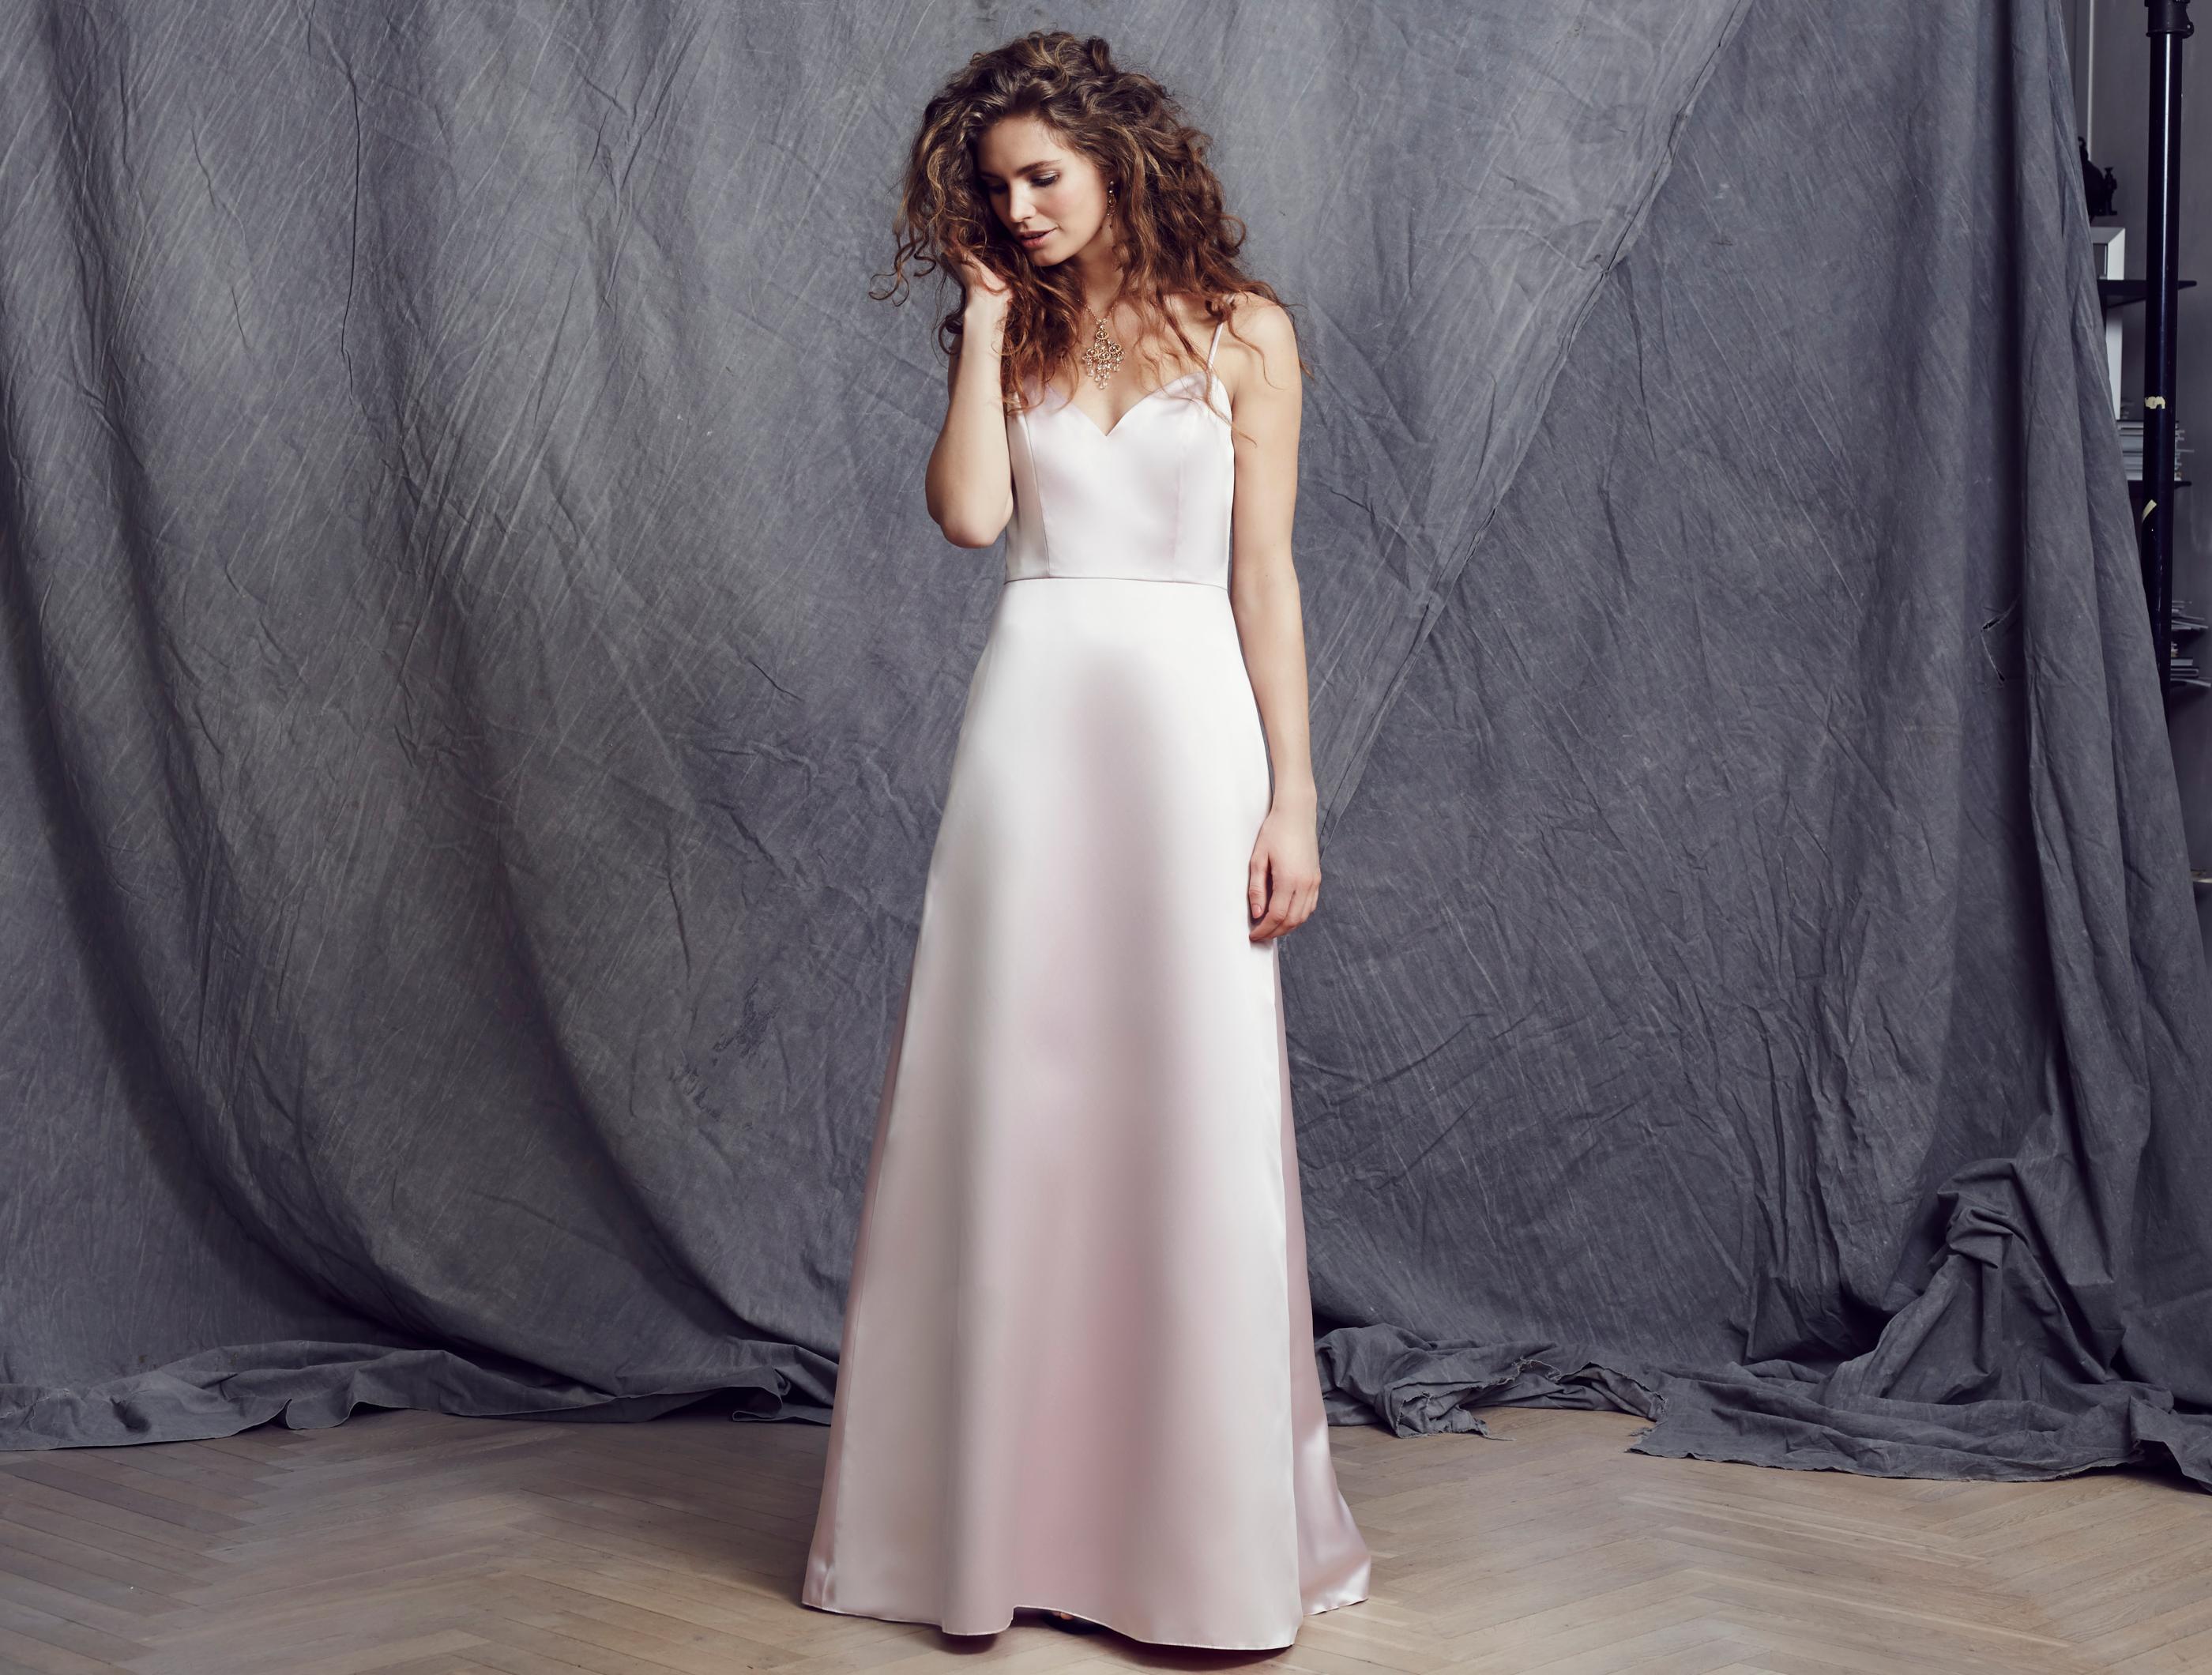 LILLY Brautkleider, Abendmode, Bräutigammode und Kommunionmode - Rosa